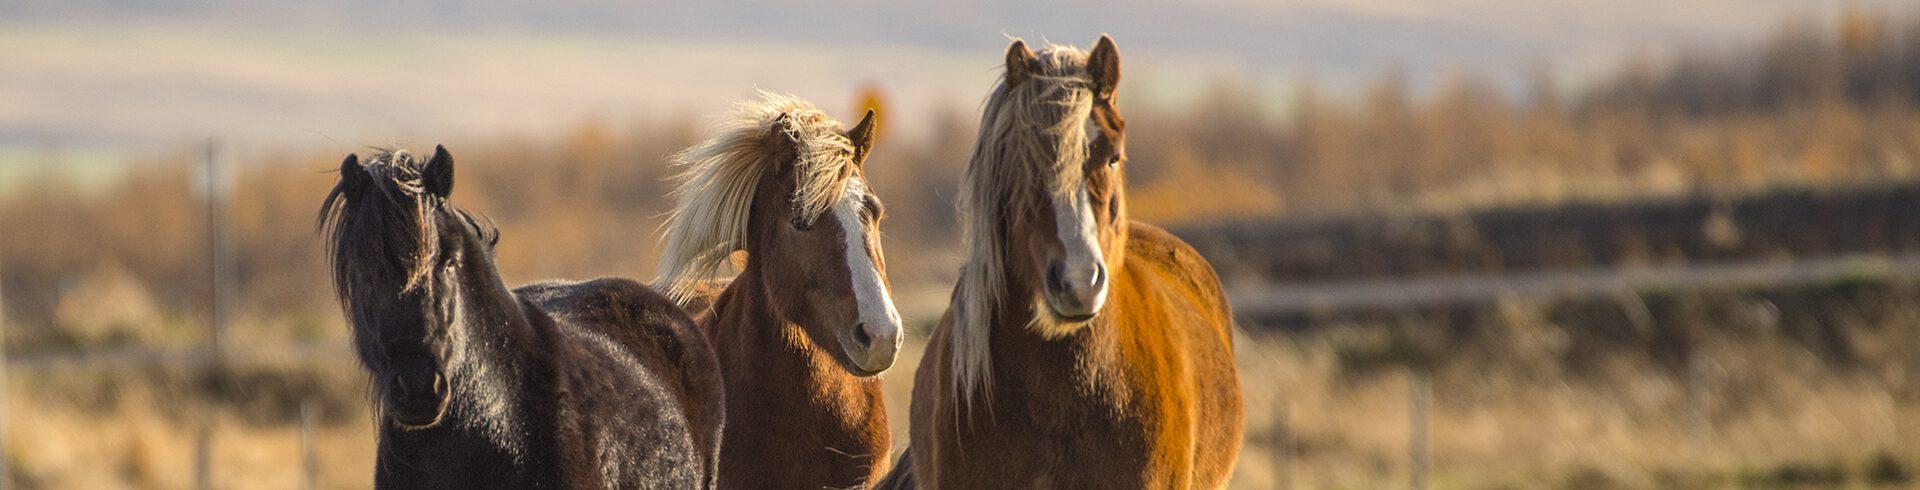 הסוס האיסלנדי